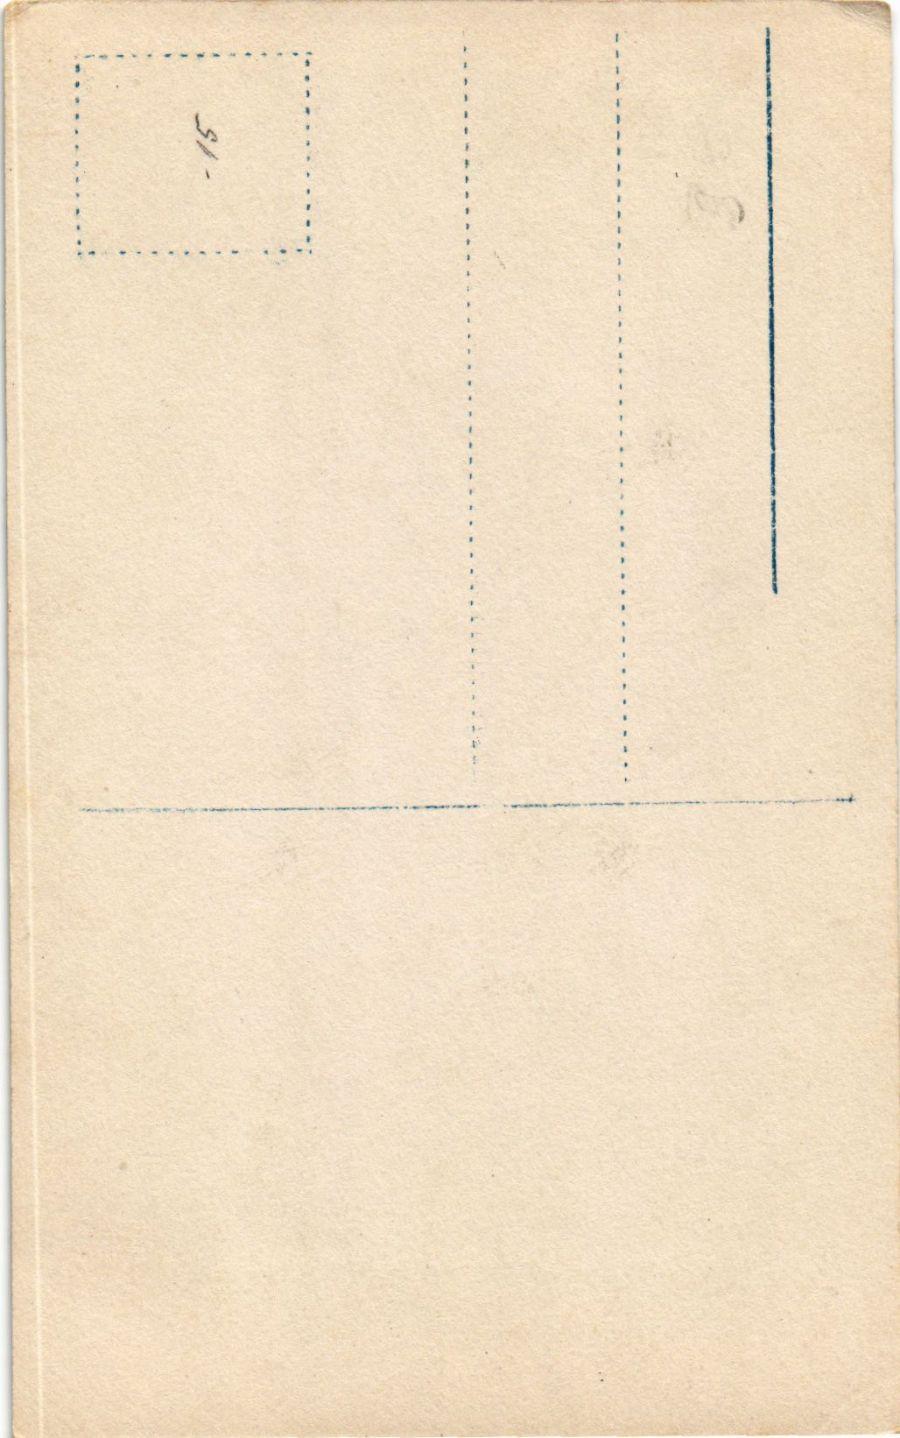 CPA-AK-Viktoria-Luise-u-Prinz-Ernst-August-v-Bayern-GERMAN-ROYALTY-867419 Indexbild 2